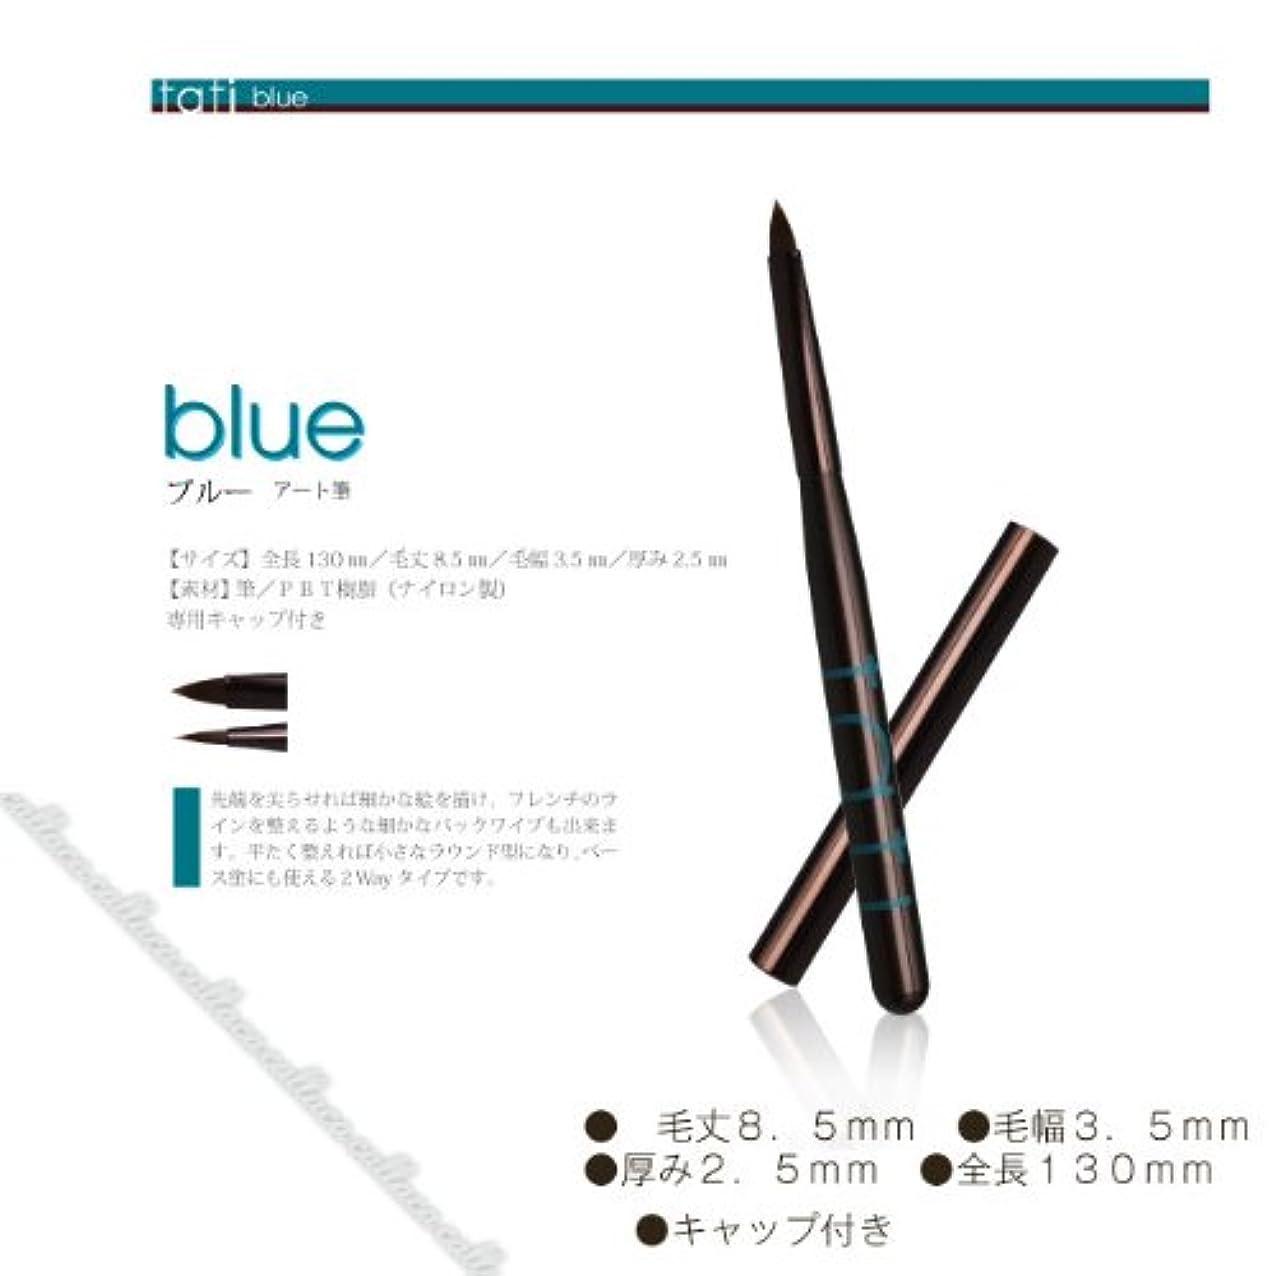 破滅的な気怠い無傷tati ジェル ブラシアートショコラ blue(ブルー)